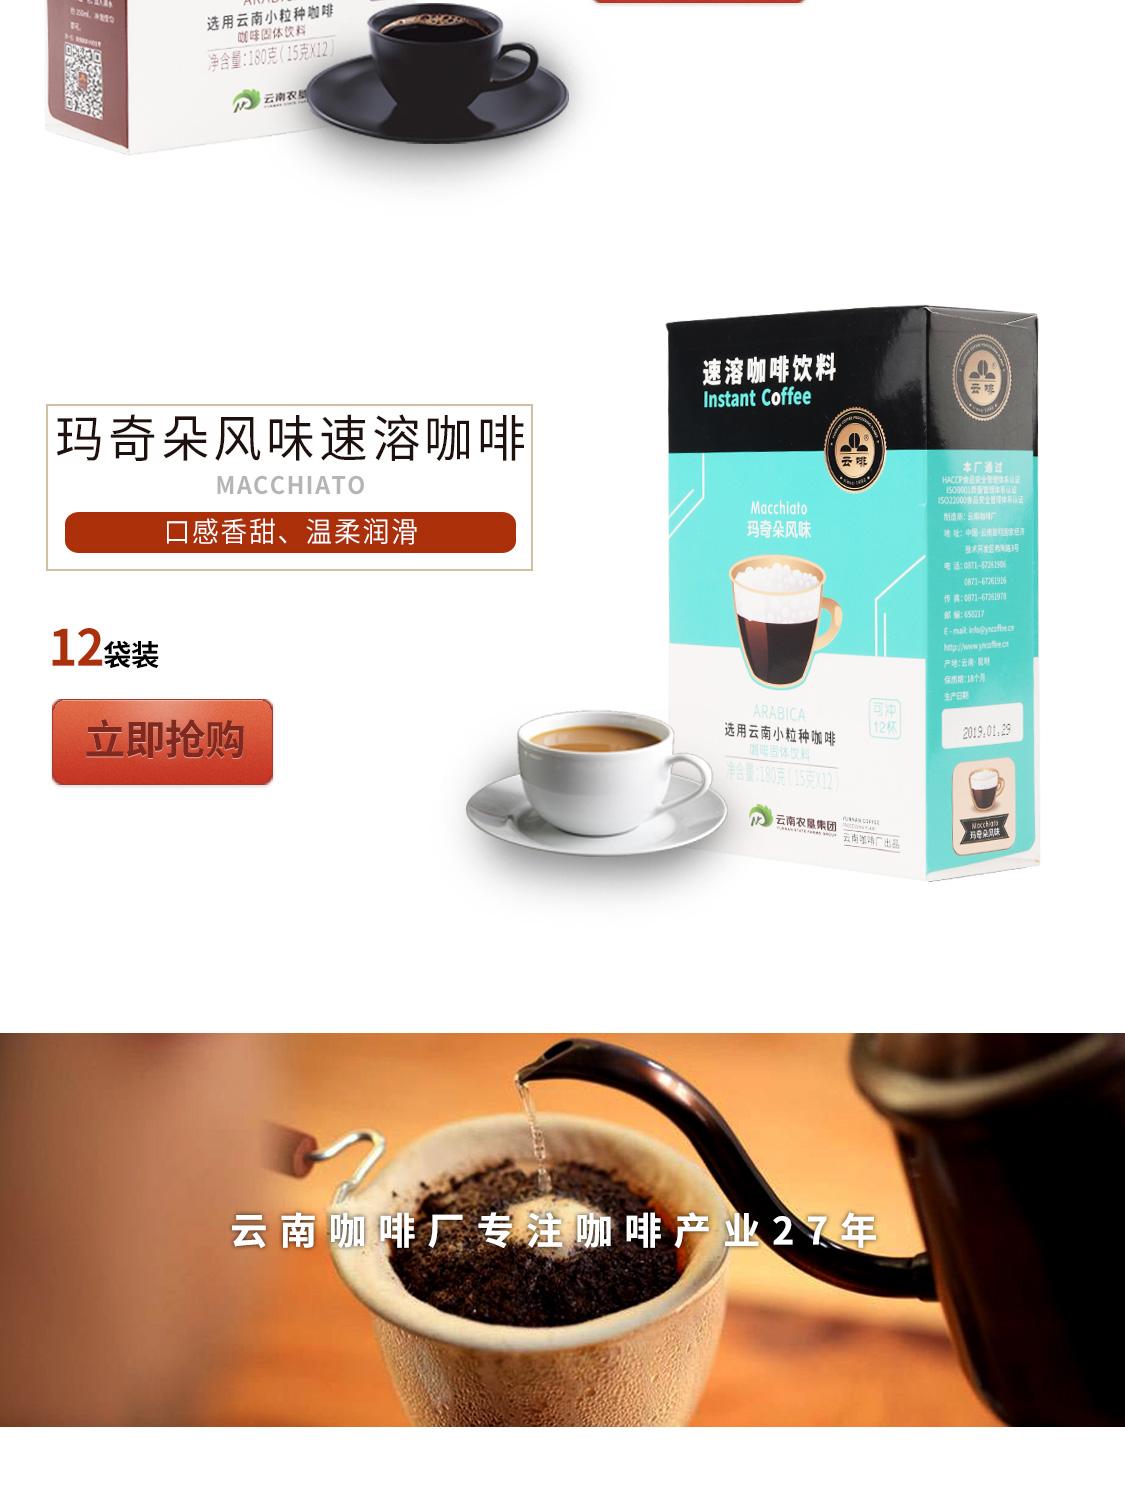 原味速溶咖啡大盒装_05.jpg